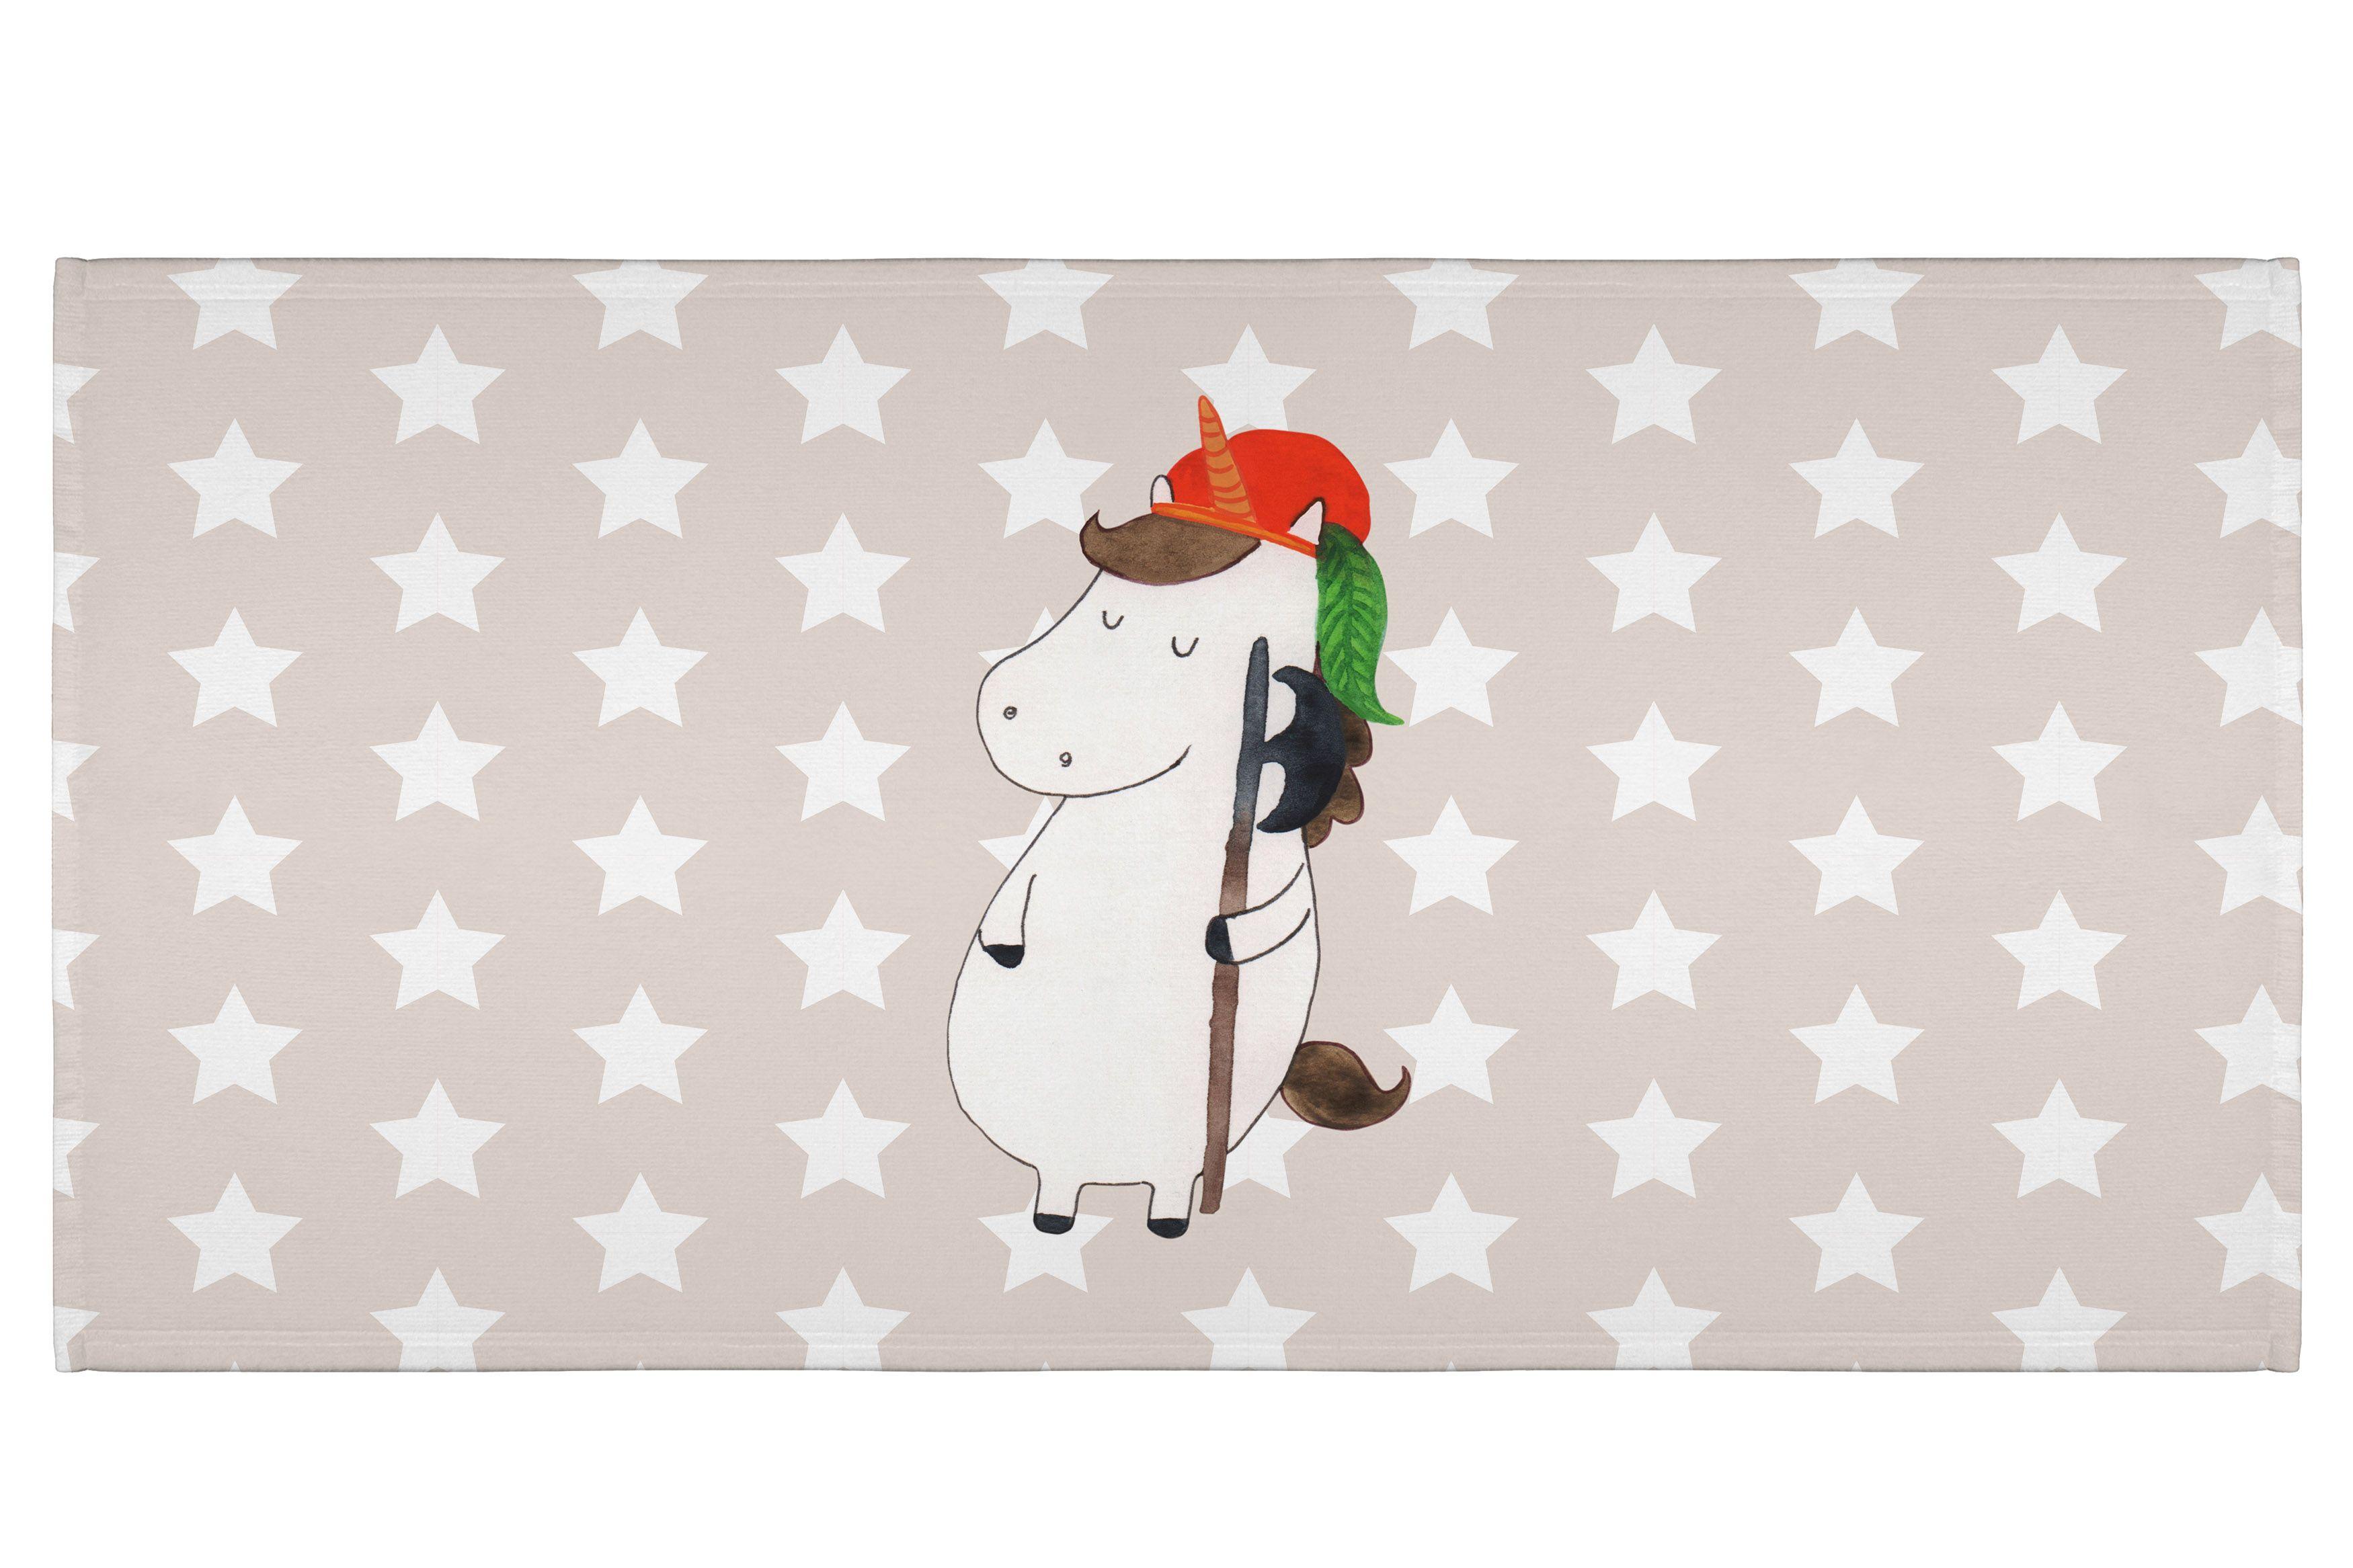 50 x 100 Handtuch Einhorn Bube aus Kunstfaser  Natur - Das Original von Mr. & Mrs. Panda.  Dieses wunderschöne Handtuch von Mr. & Mrs. Panda hat die Größe 50 x 100 cm und ist perfekt für dein Badezimmer oder als Badehandtuch einsetzbar.    Über unser Motiv Einhorn Bube  Ein Einhorn Edition ist eine ganz besonders liebevolle und einzigartige Kollektion von Mr. & Mrs. Panda. Wie immer bei unseren Produkten sind alle Motive handgezeichnet und werden mit viel Liebe in unserer Manufaktur im…